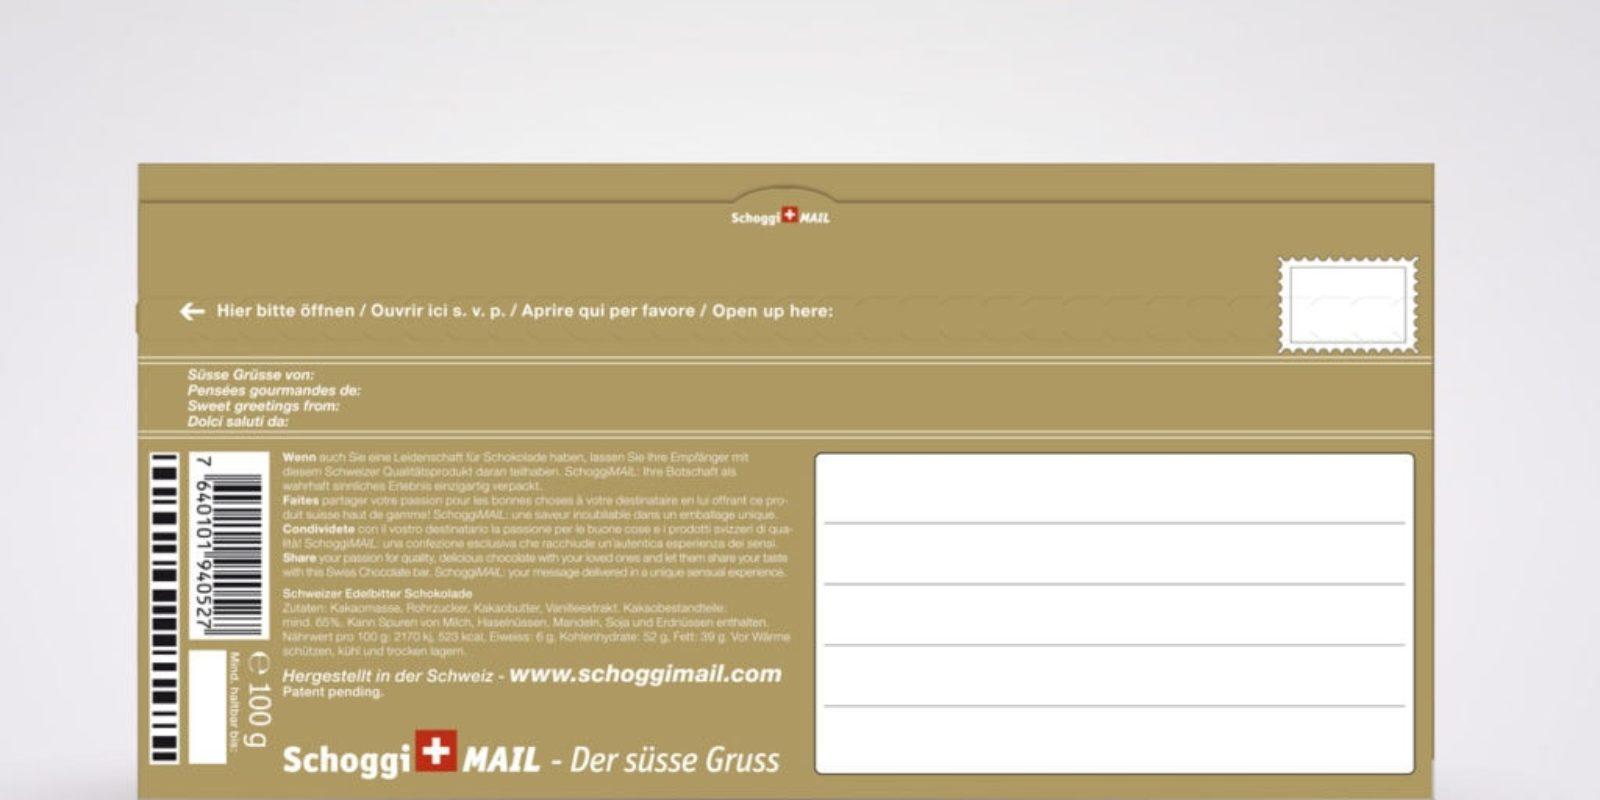 1137850-SchoggiMAIL-Weil-Blume_back